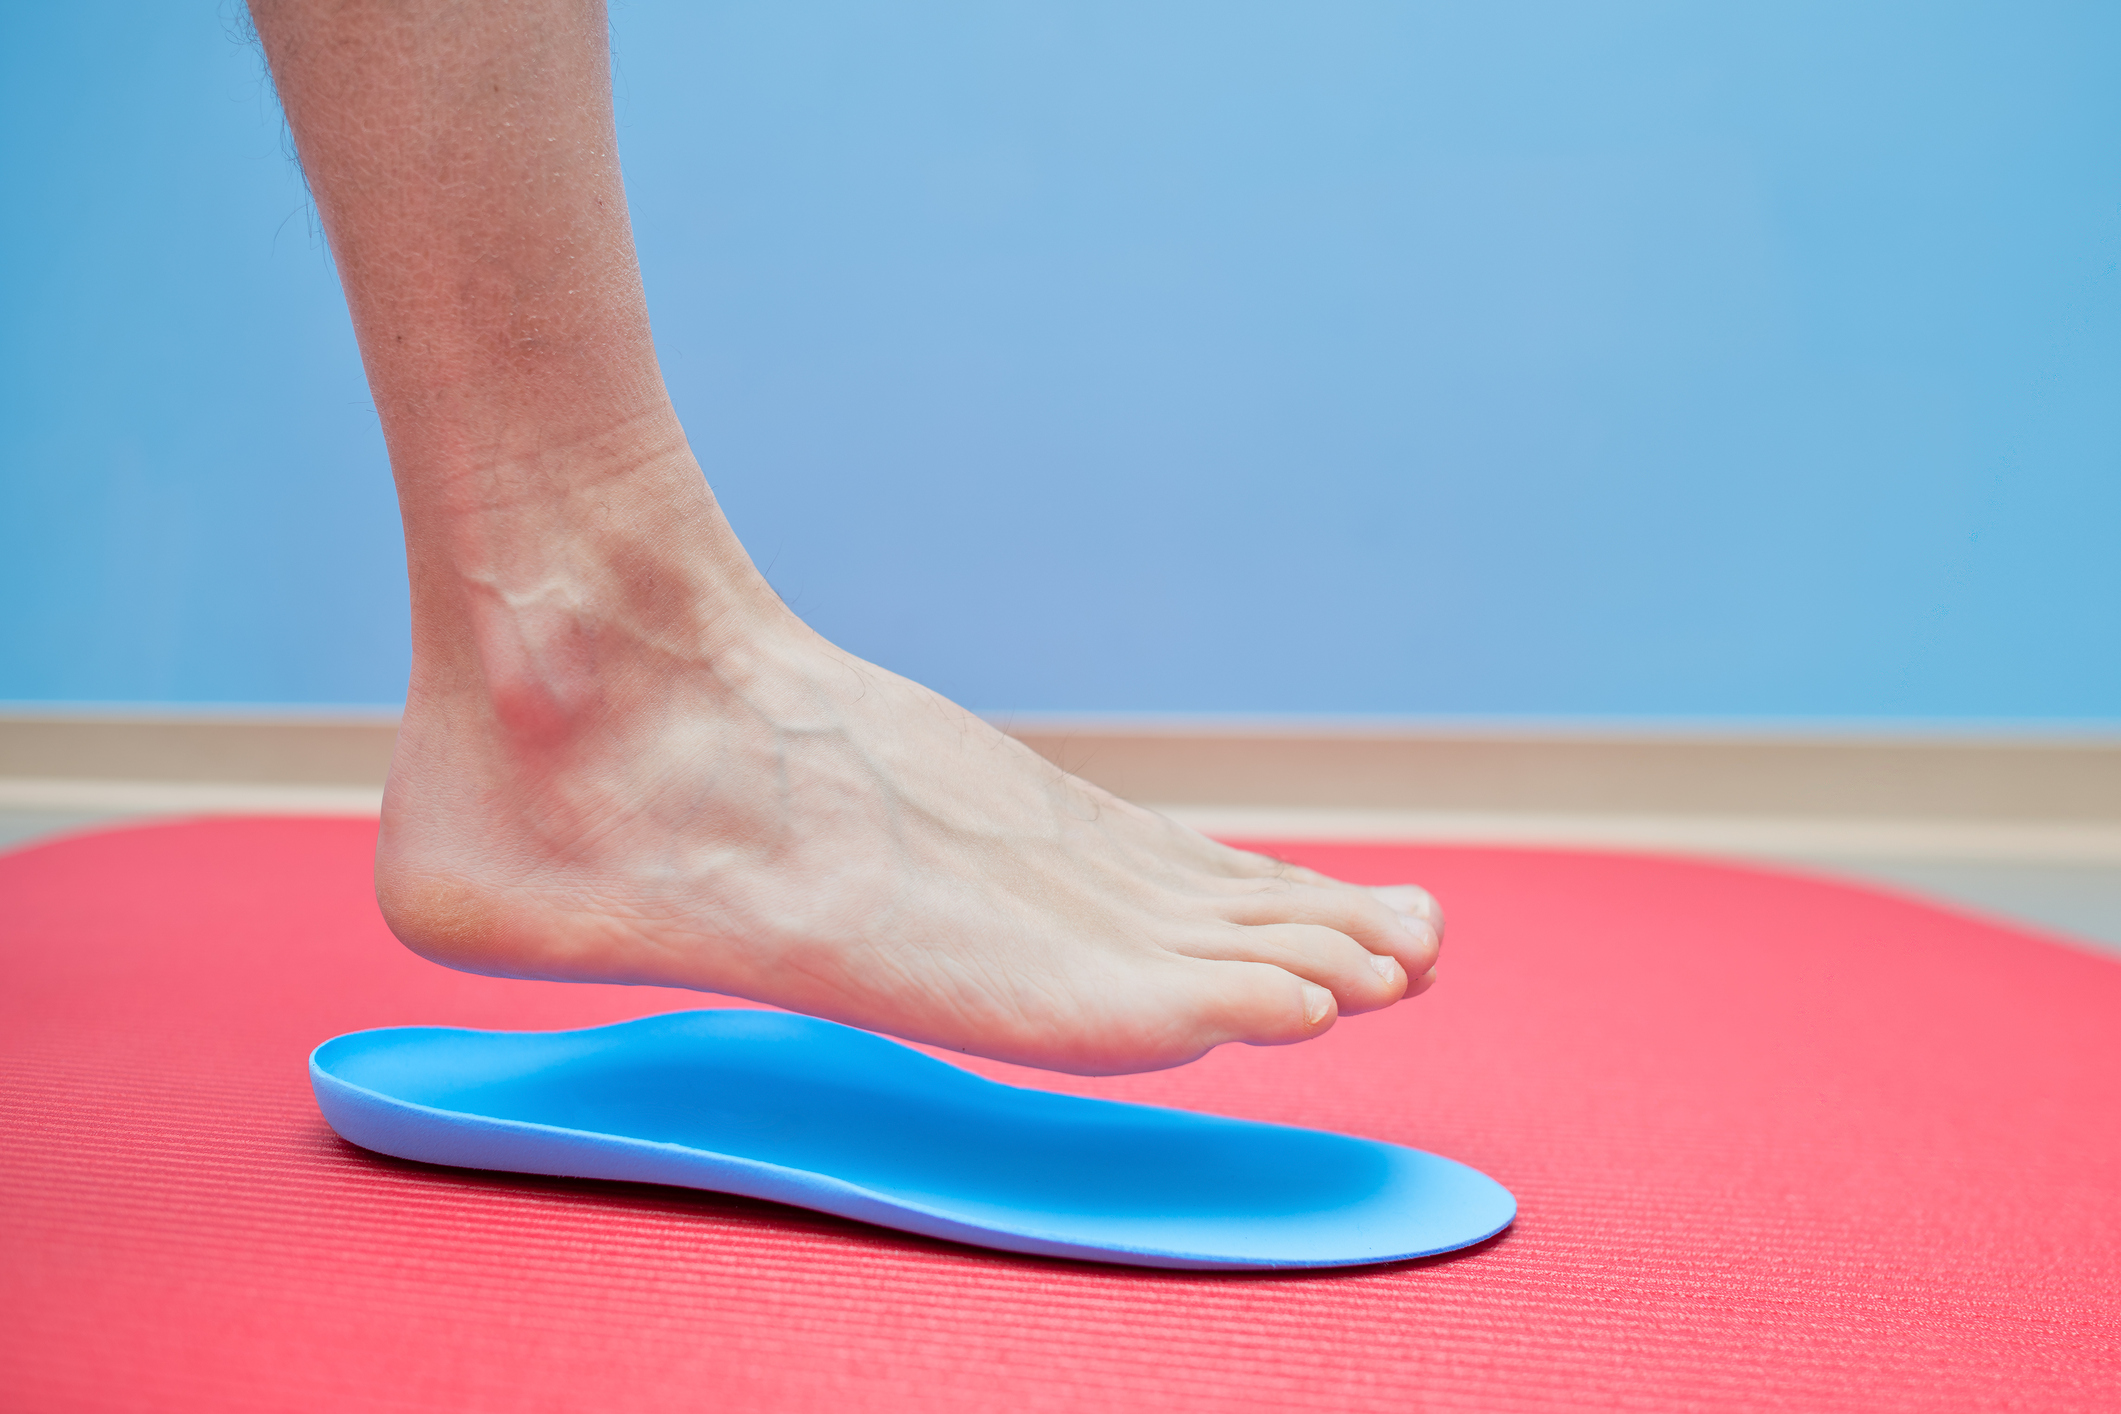 足の歪みとインソールの重要性